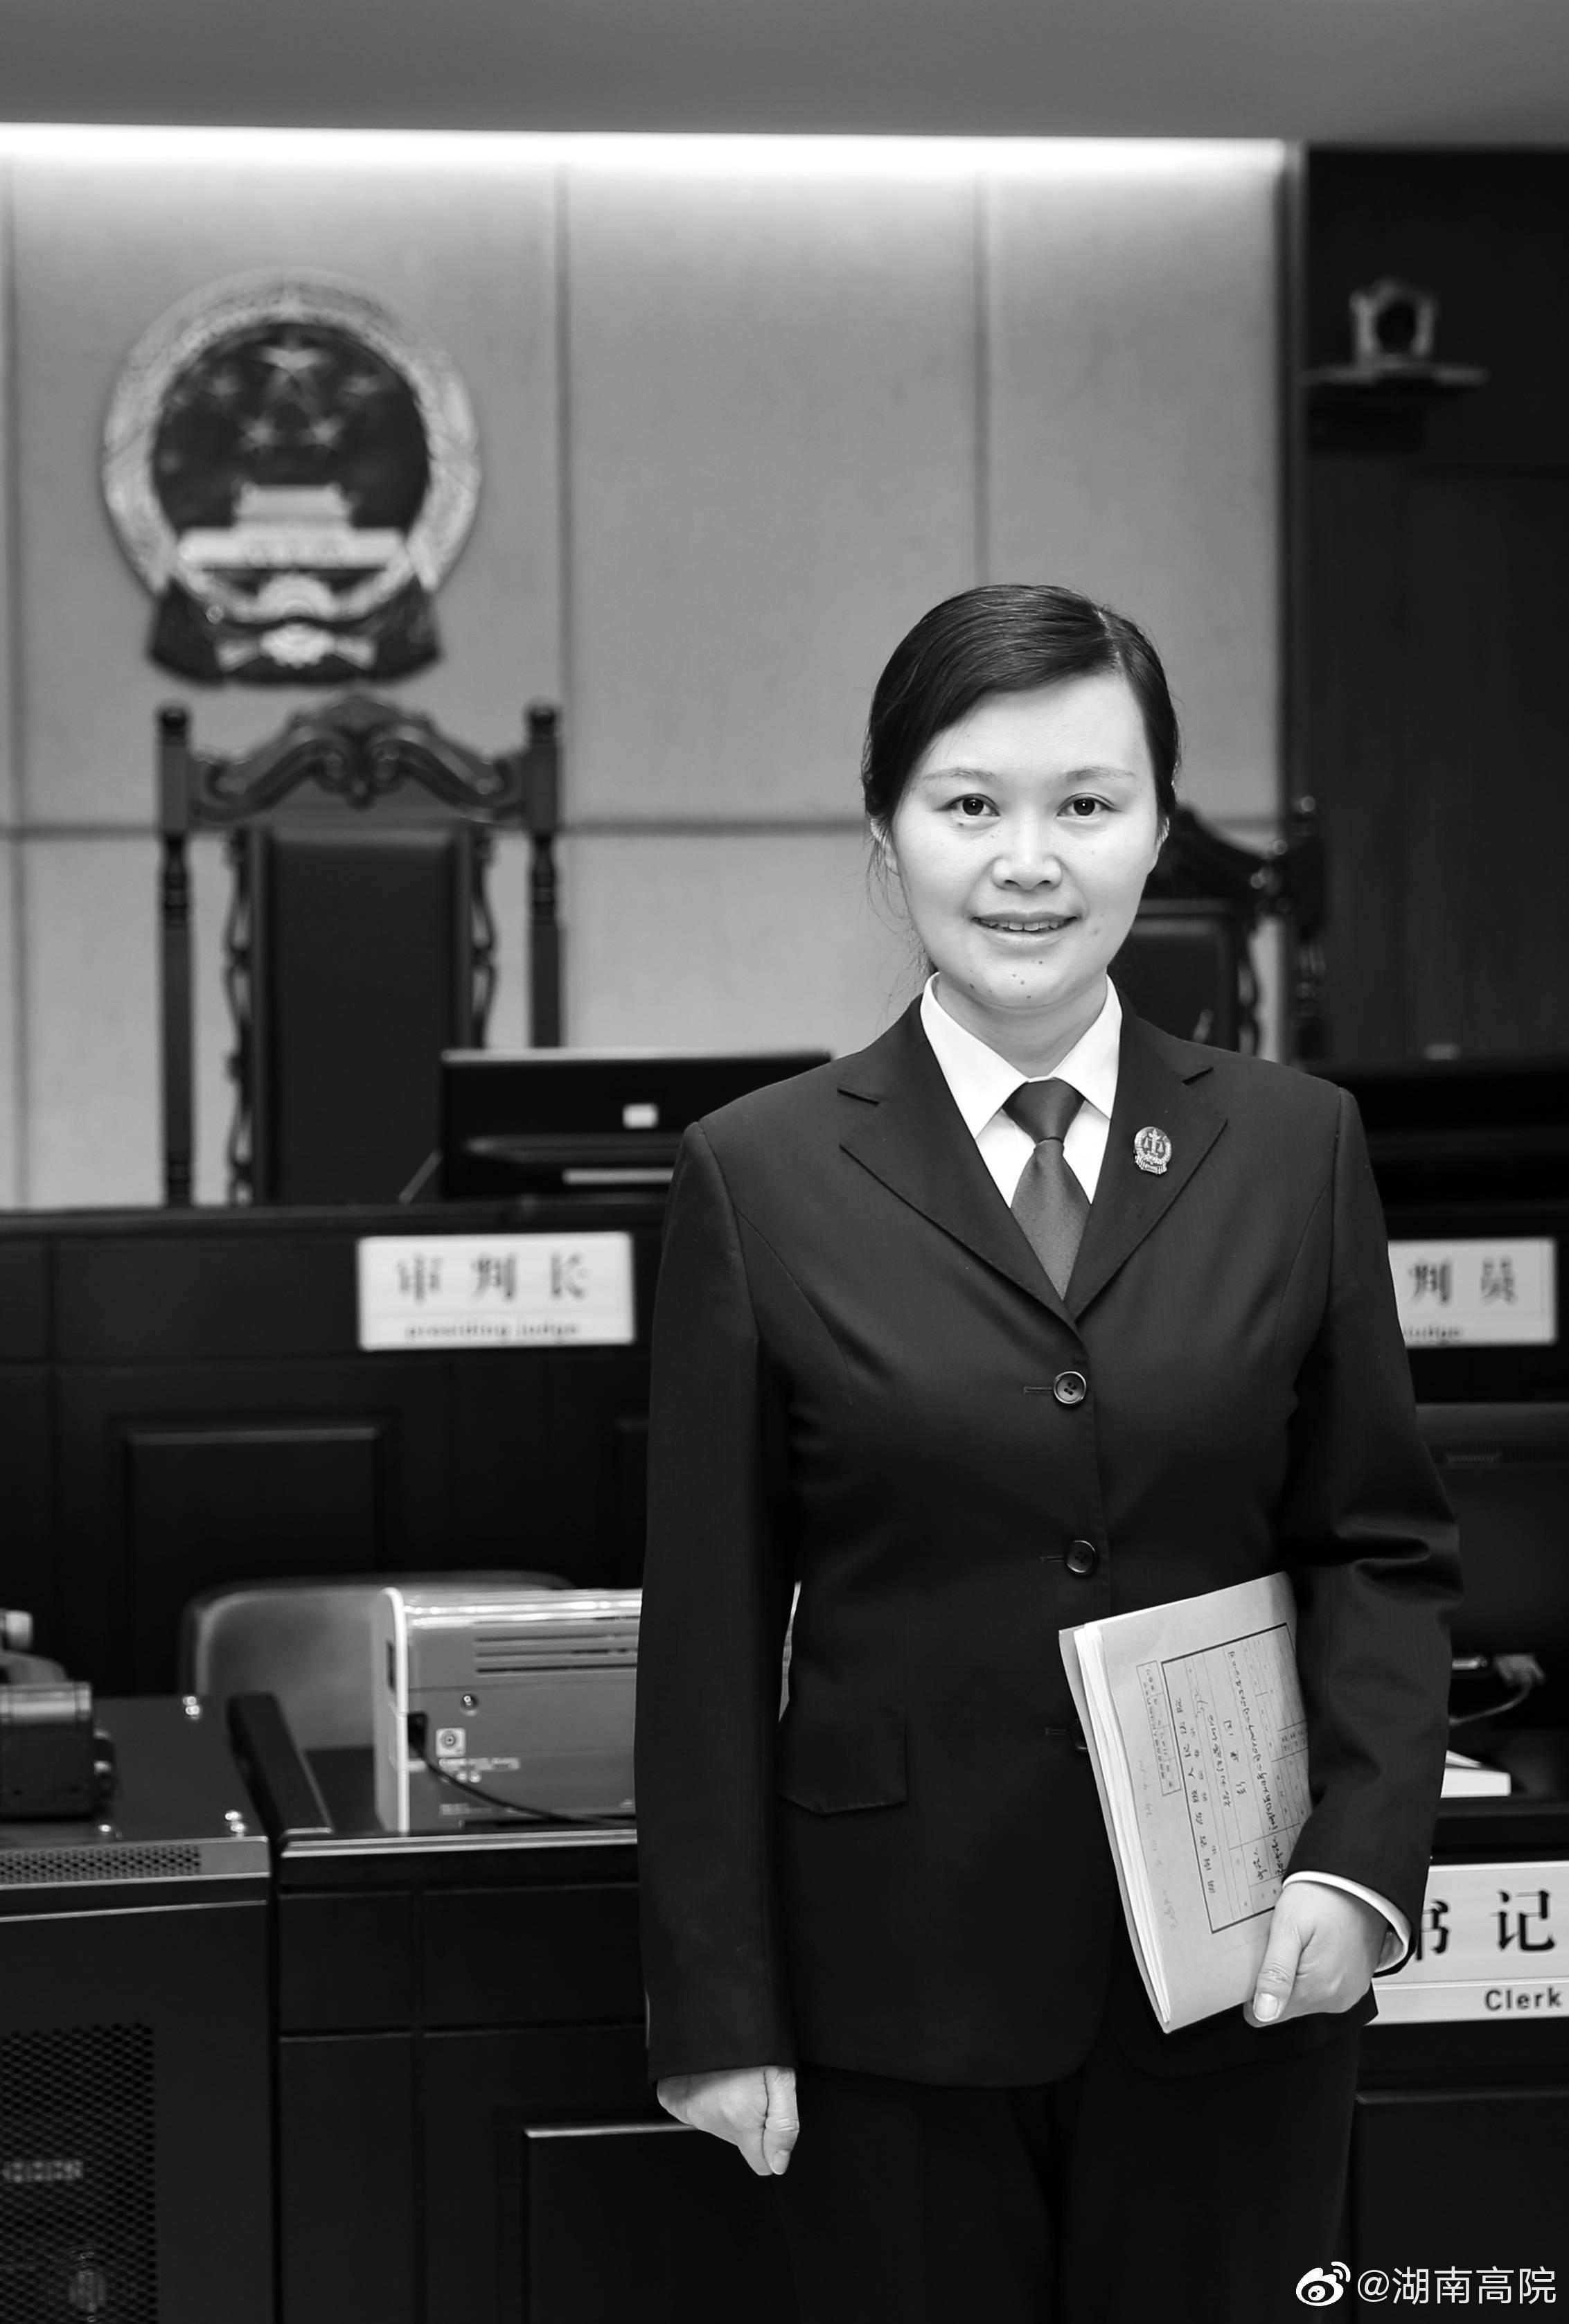 【黑钻官网】_湖南高院女法官被同乡杀害 知情人:嫌犯性格很怪 曾持棒殴打同事